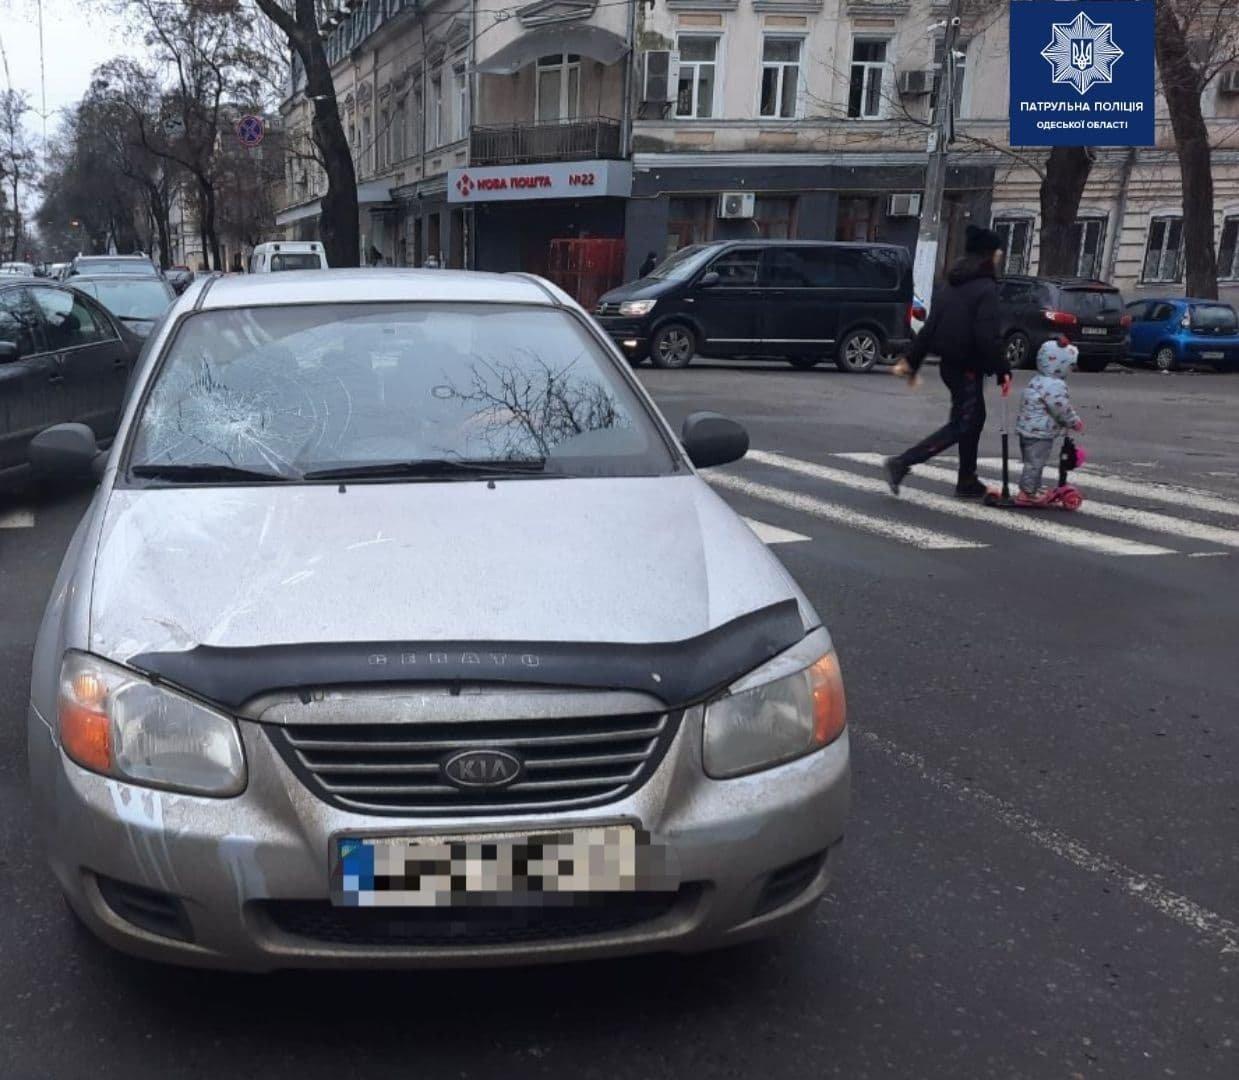 Одессит сбил пожилого мужчину на пешеходном переходе, - ФОТО, ВИДЕО, фото-1